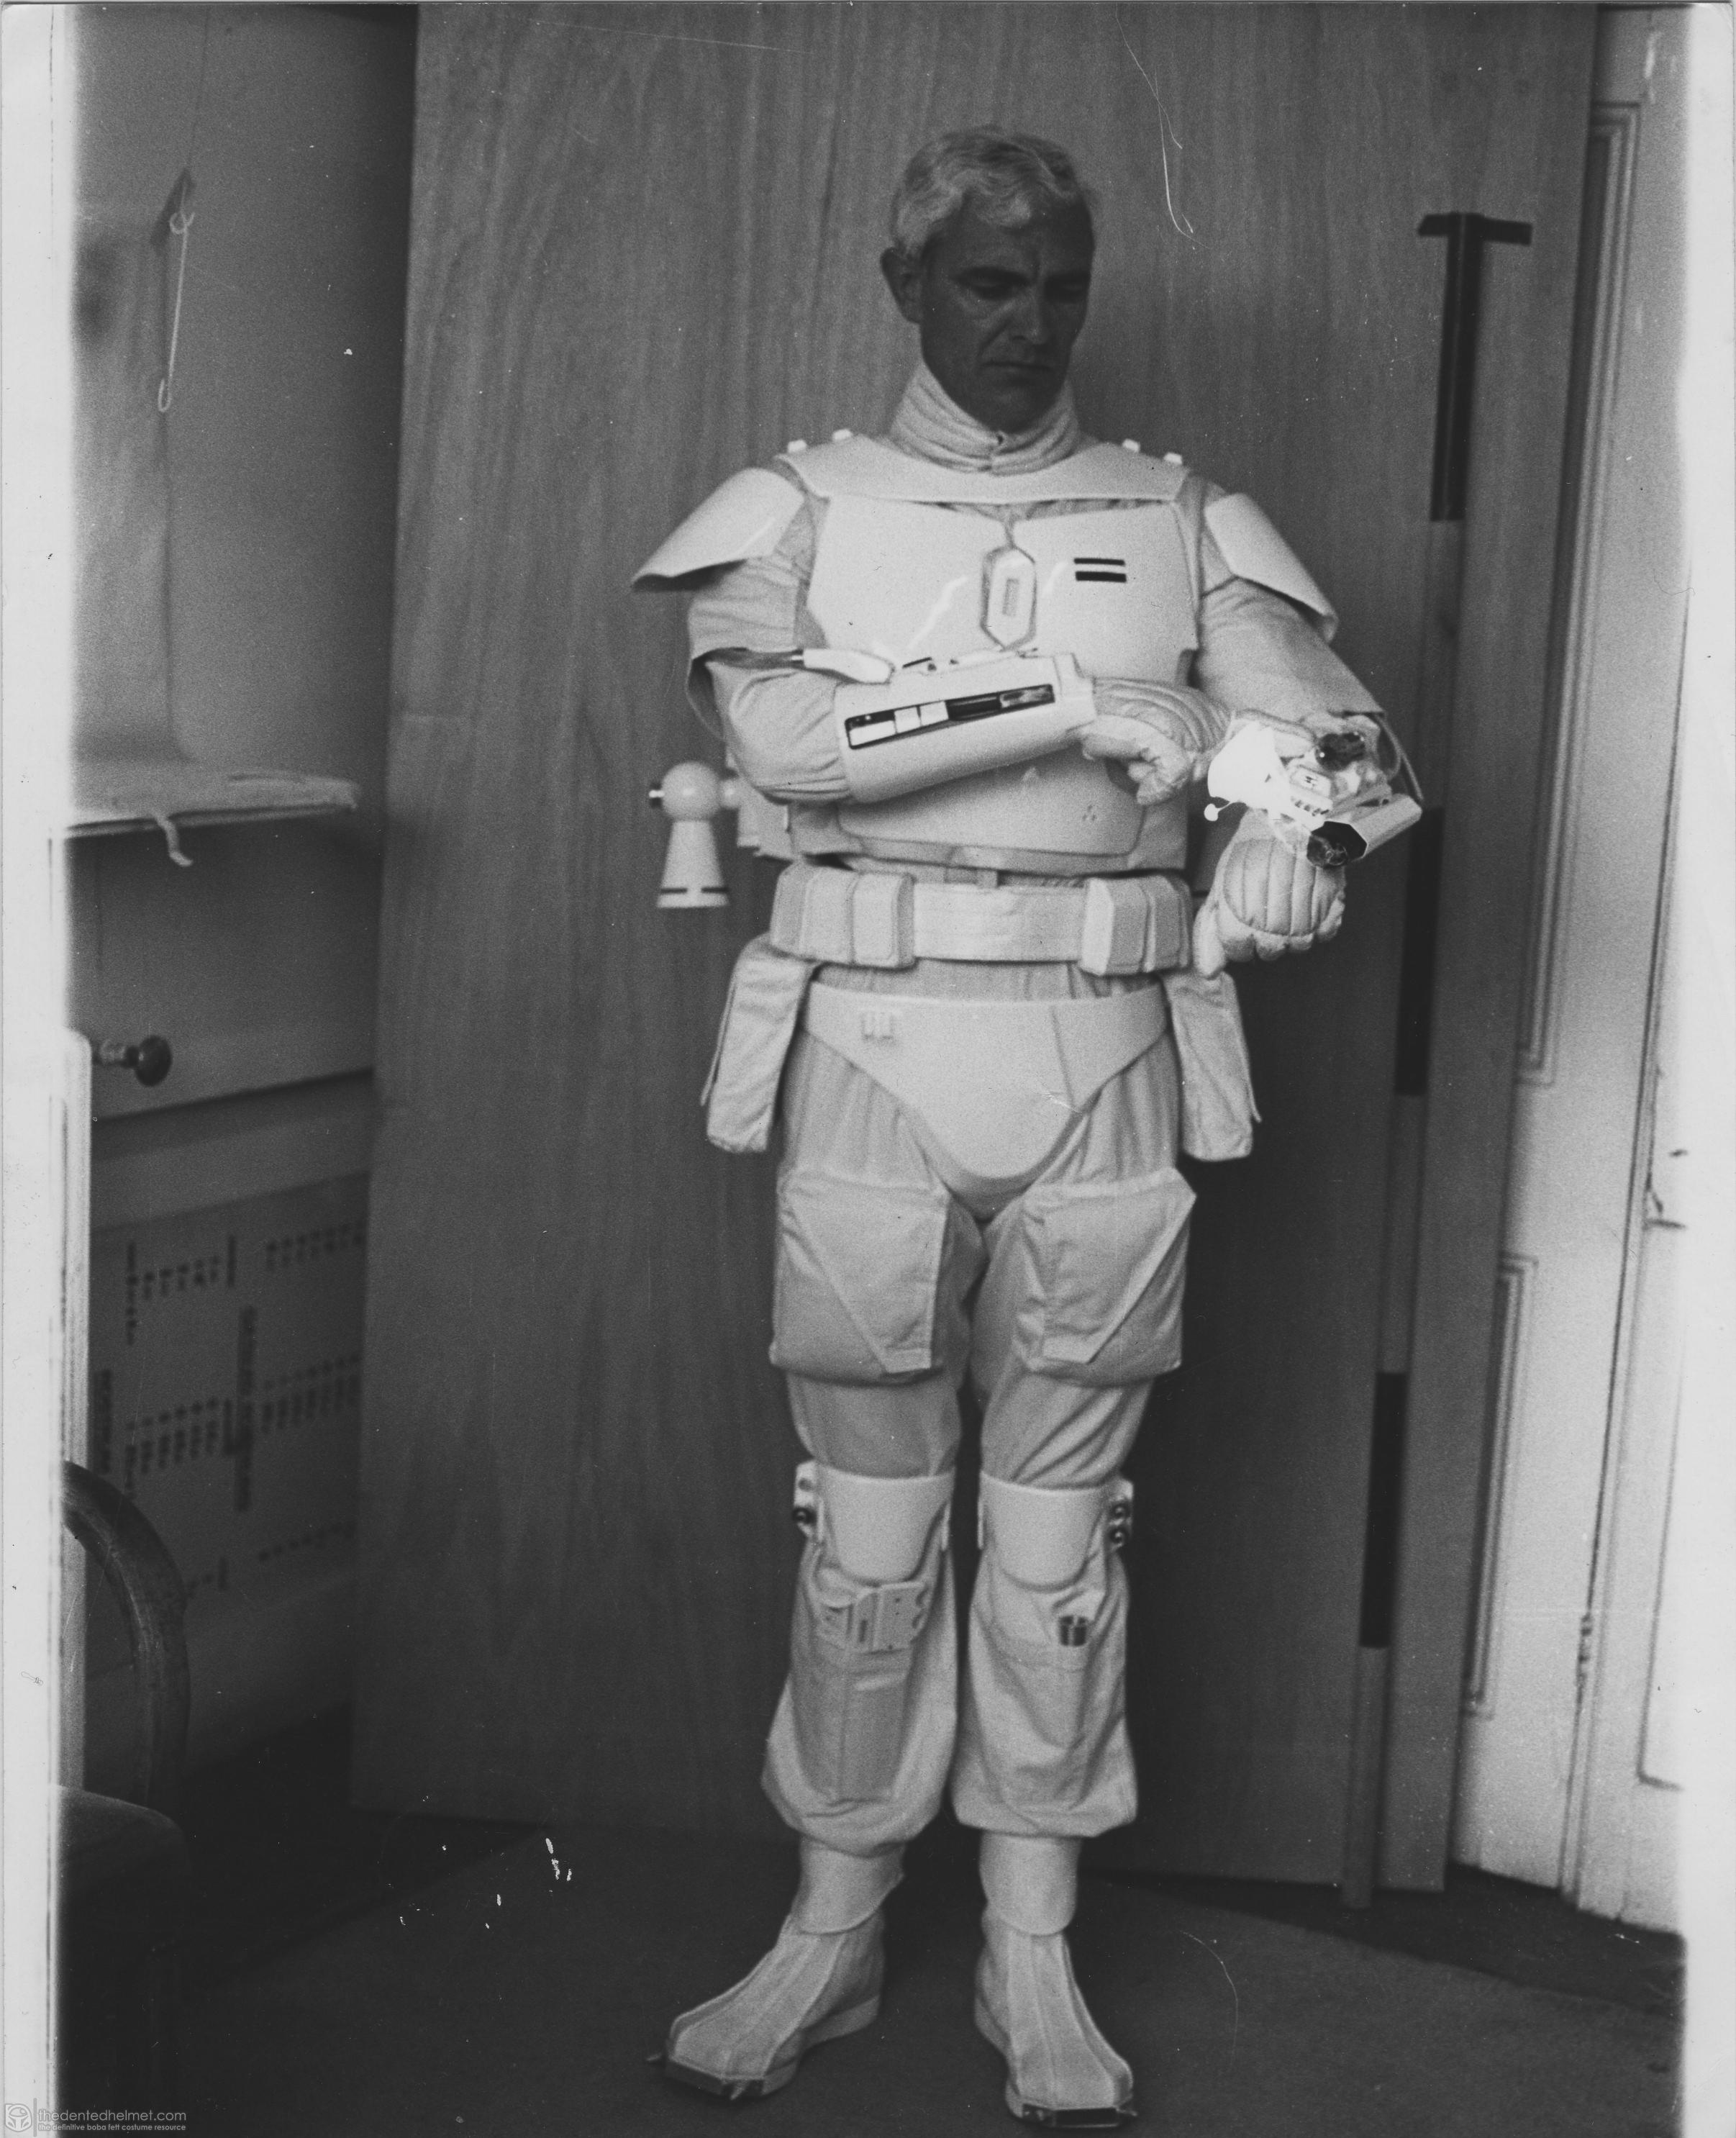 Boba-Fett-Costume-Test-Fitting-04.jpg